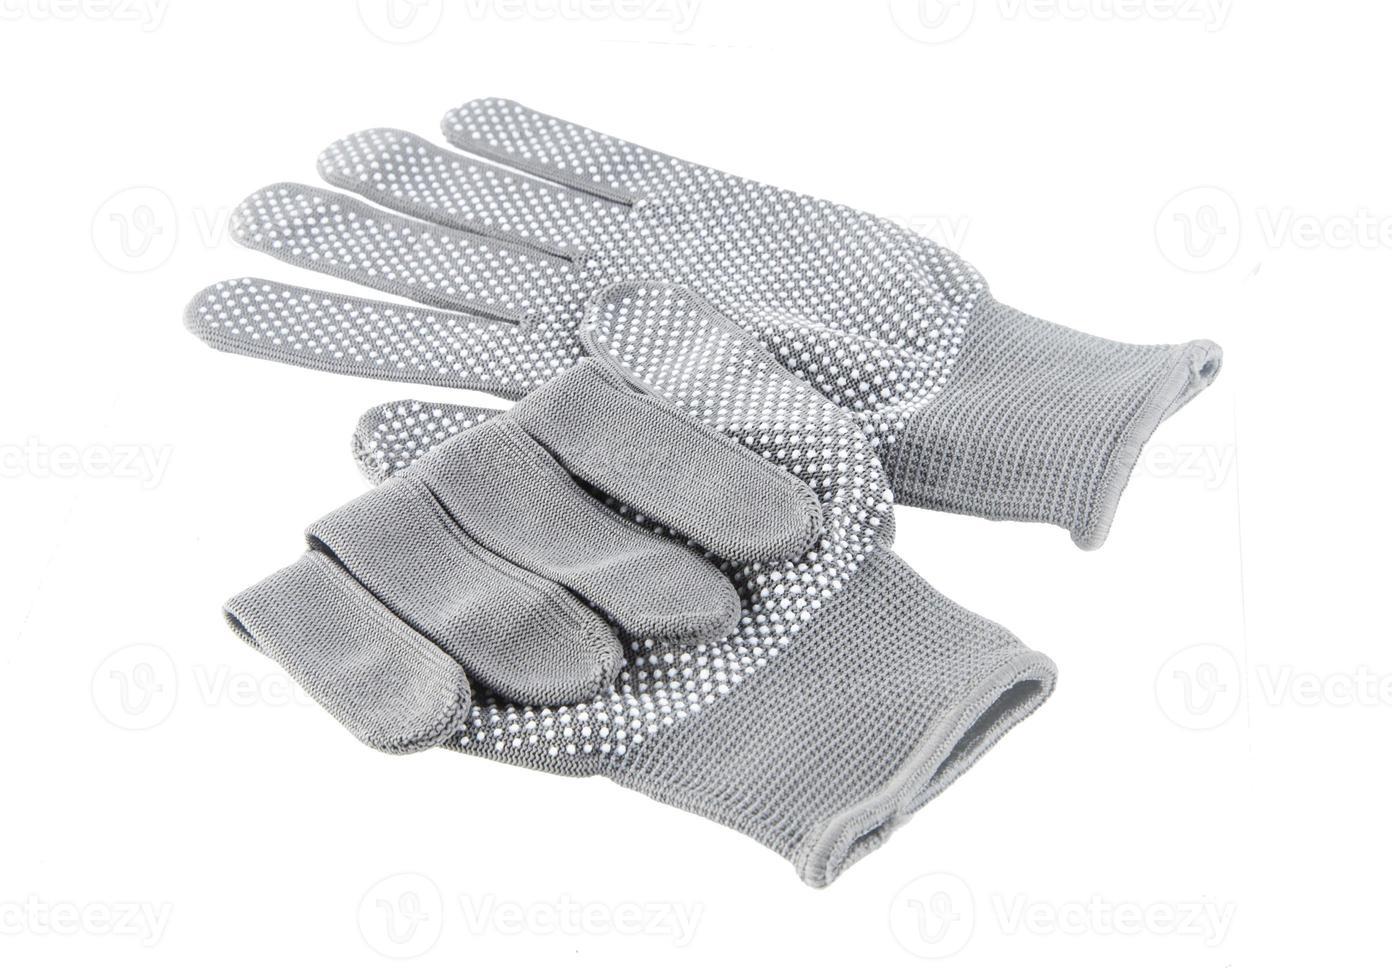 Paar Handschuhe isoliert auf weiß foto